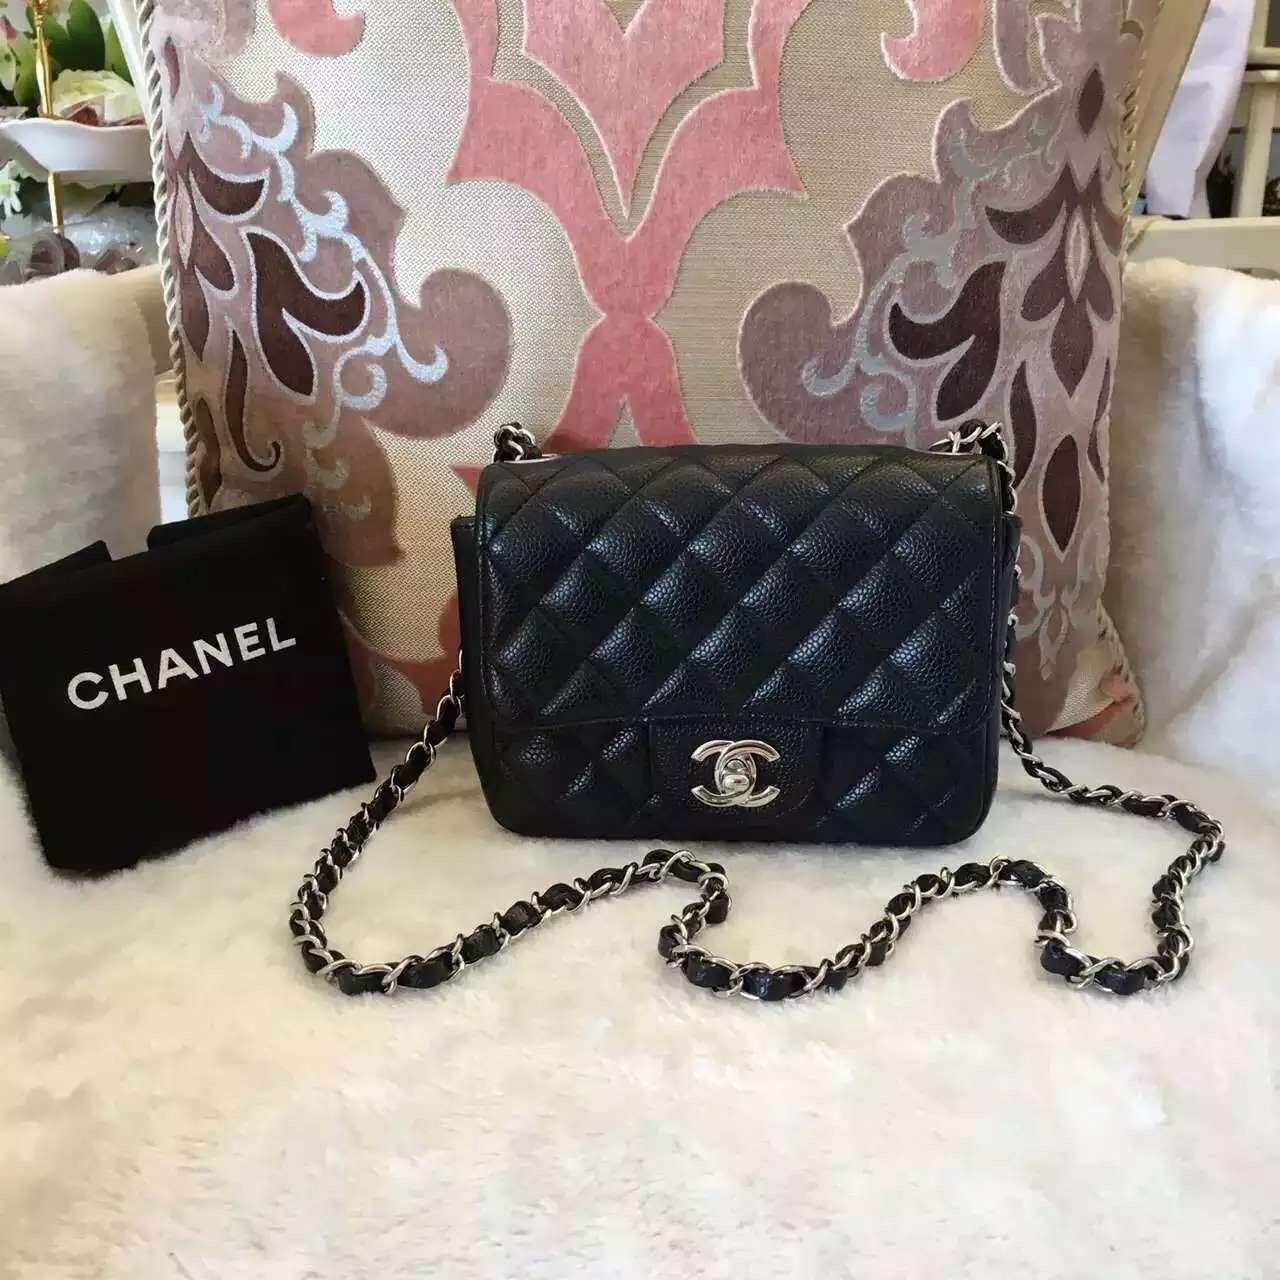 2bc4e6ad3b42 Authentic CHANEL Classic Square Mini Flap Bag Black Caviar SIlver ...